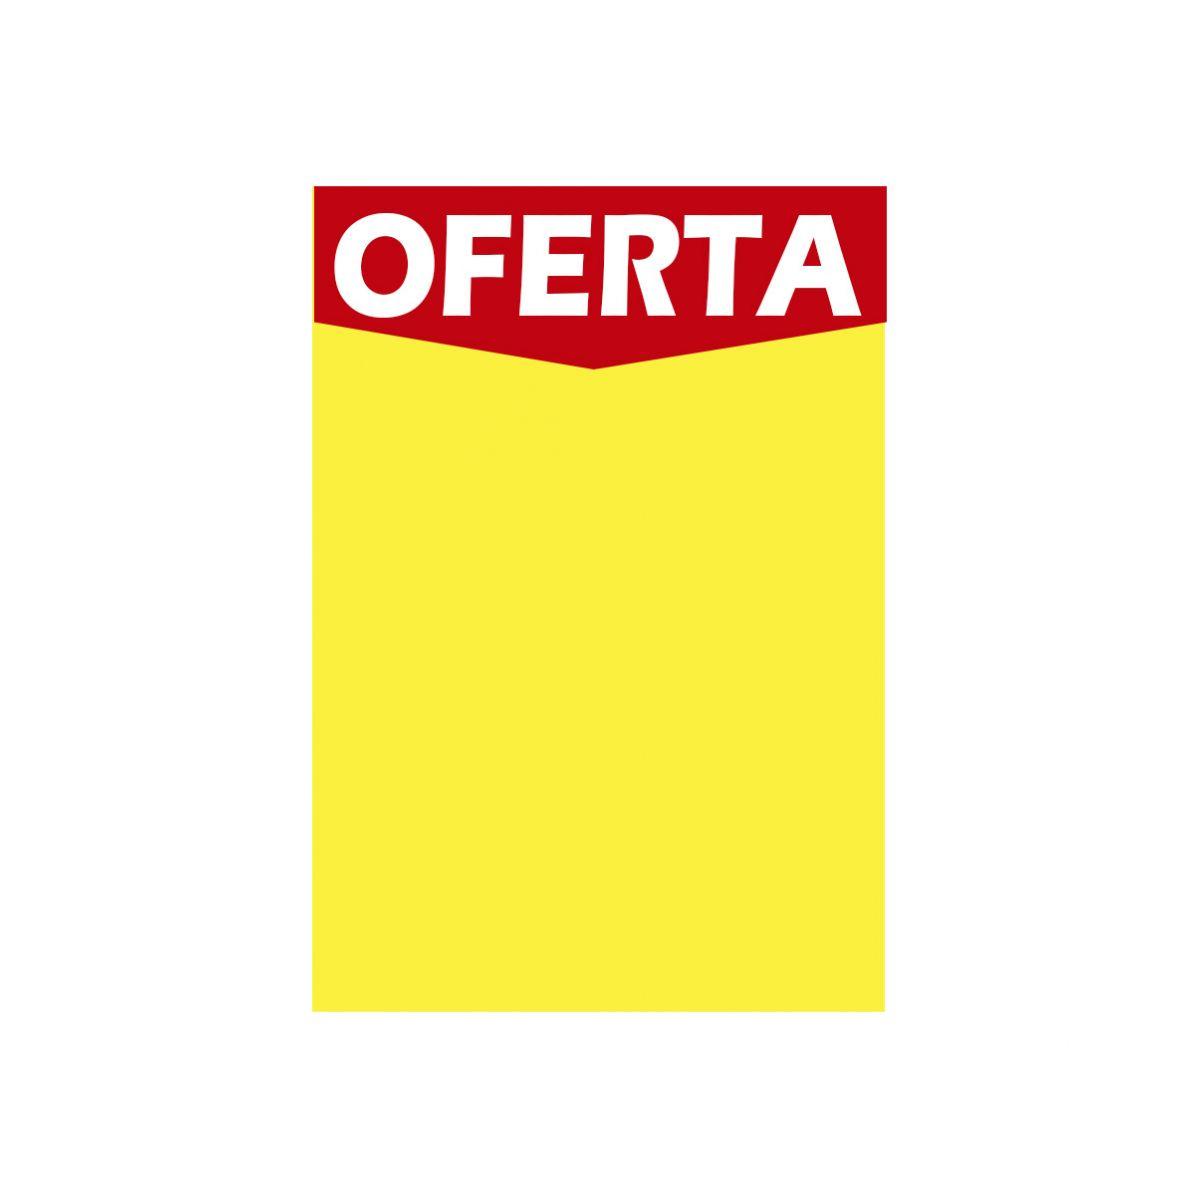 CARTAZ CHAPADO DUPLEX AMARELO Oferta 250 gr 30x45 cm